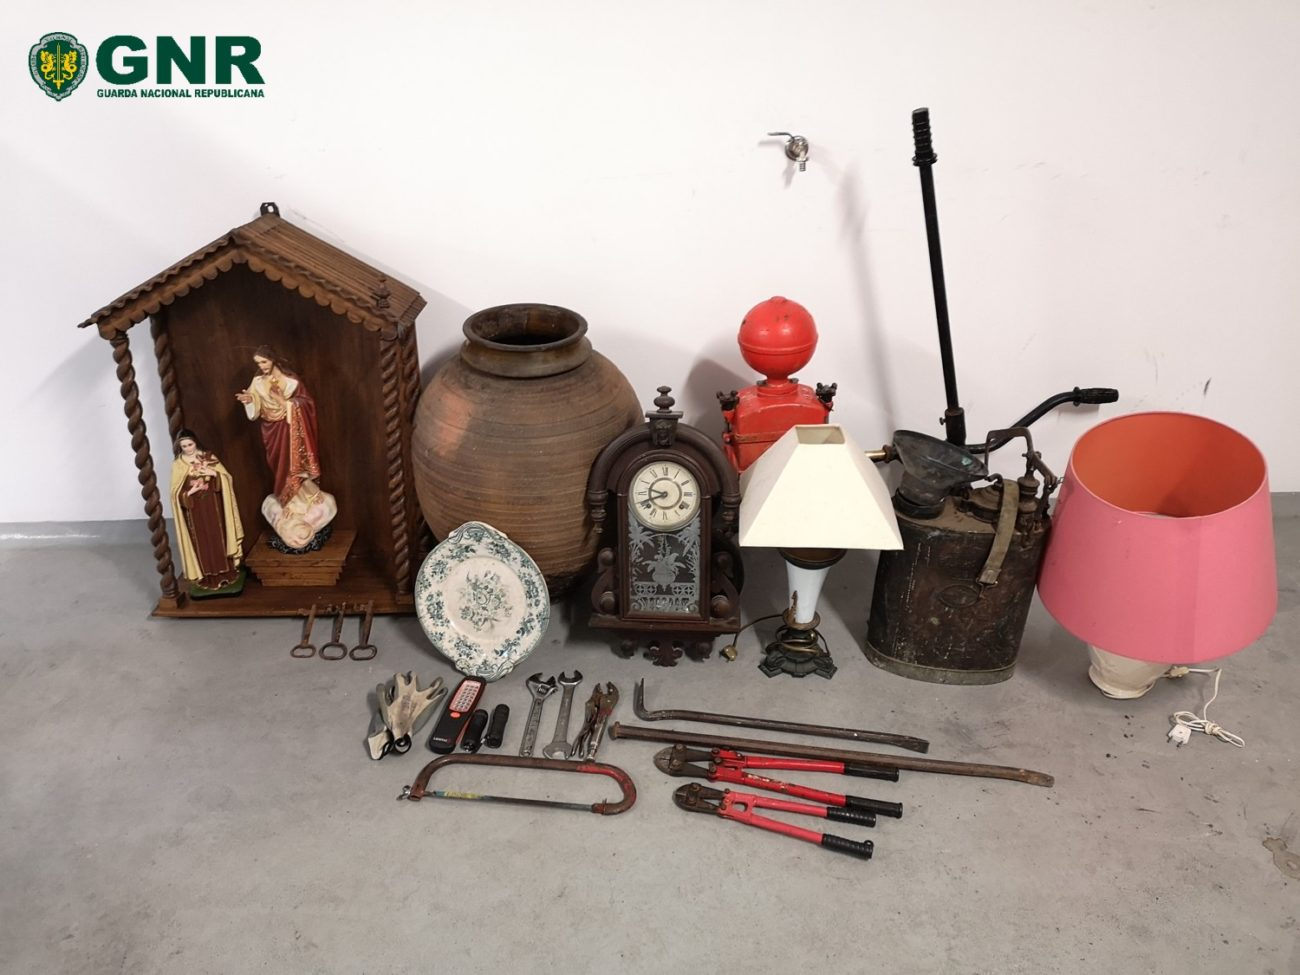 REGIÃO – GNR recupera antiguidades e peças de arte sacra furtadas